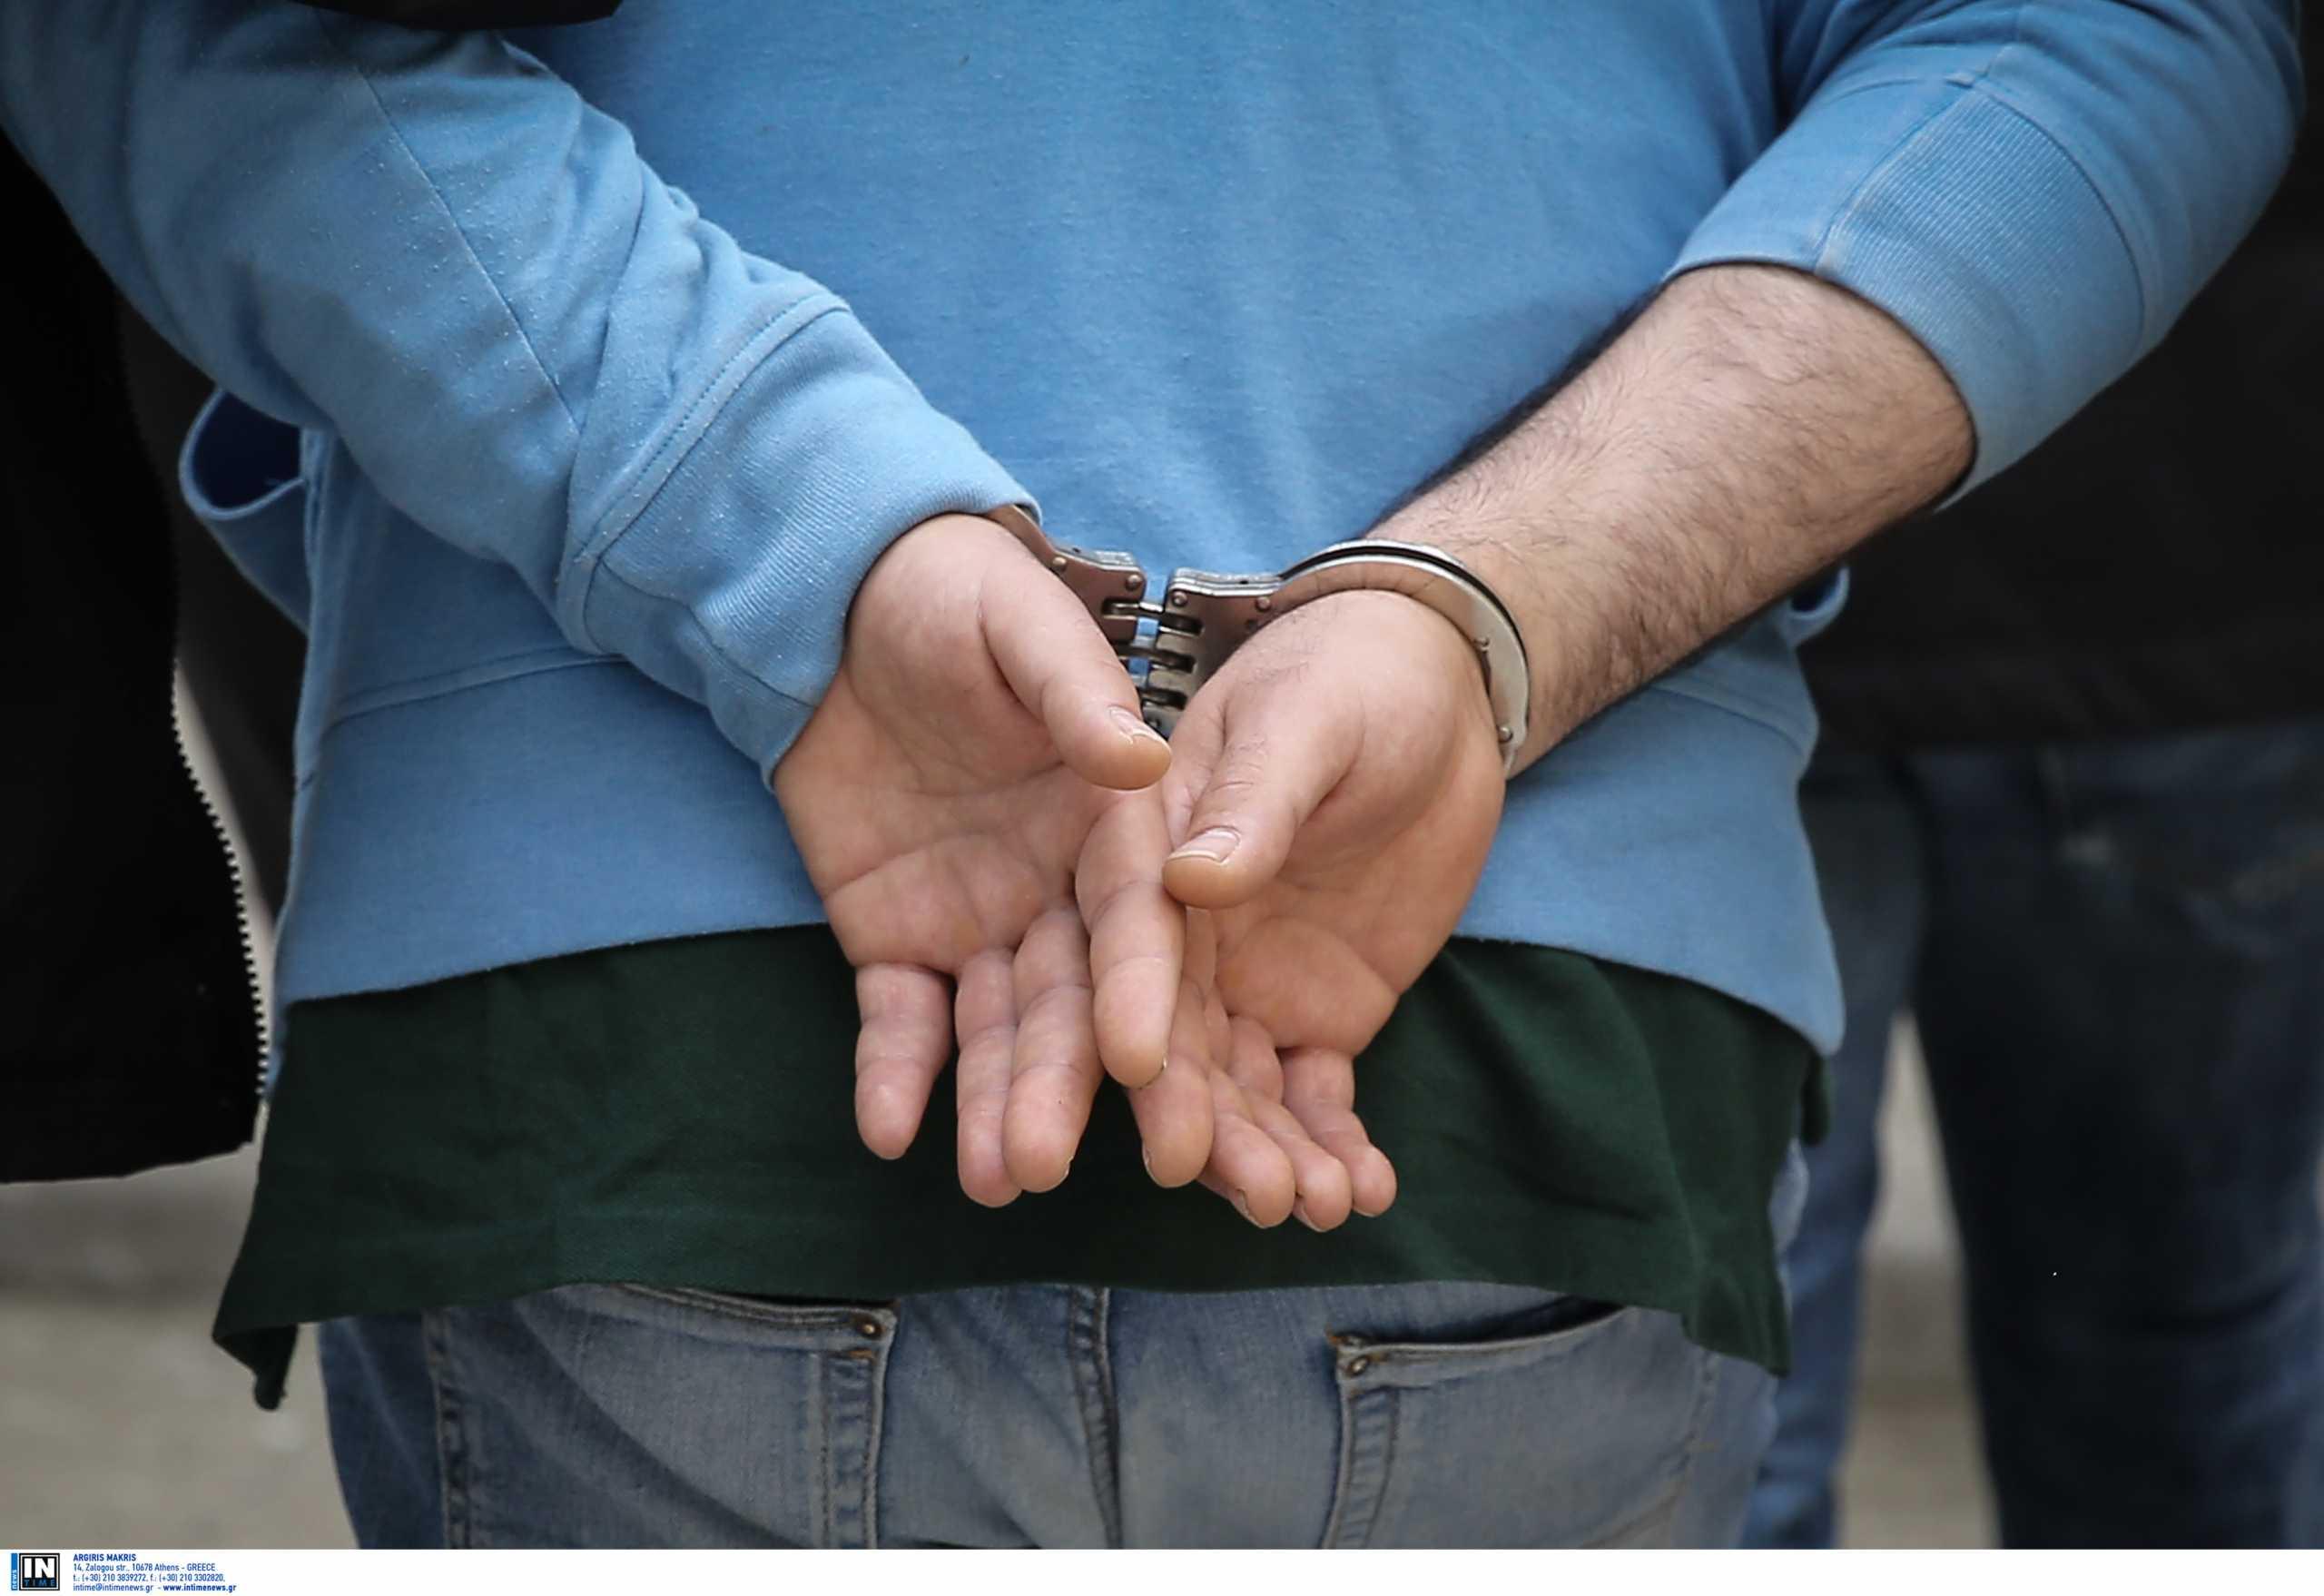 Θεσσαλονίκη: Ξυλοκόπησε μέχρι θανάτου την γιαγιά ο διαρρήκτης – Προθεσμία για να απολογηθεί πήρε ο 20χρονος